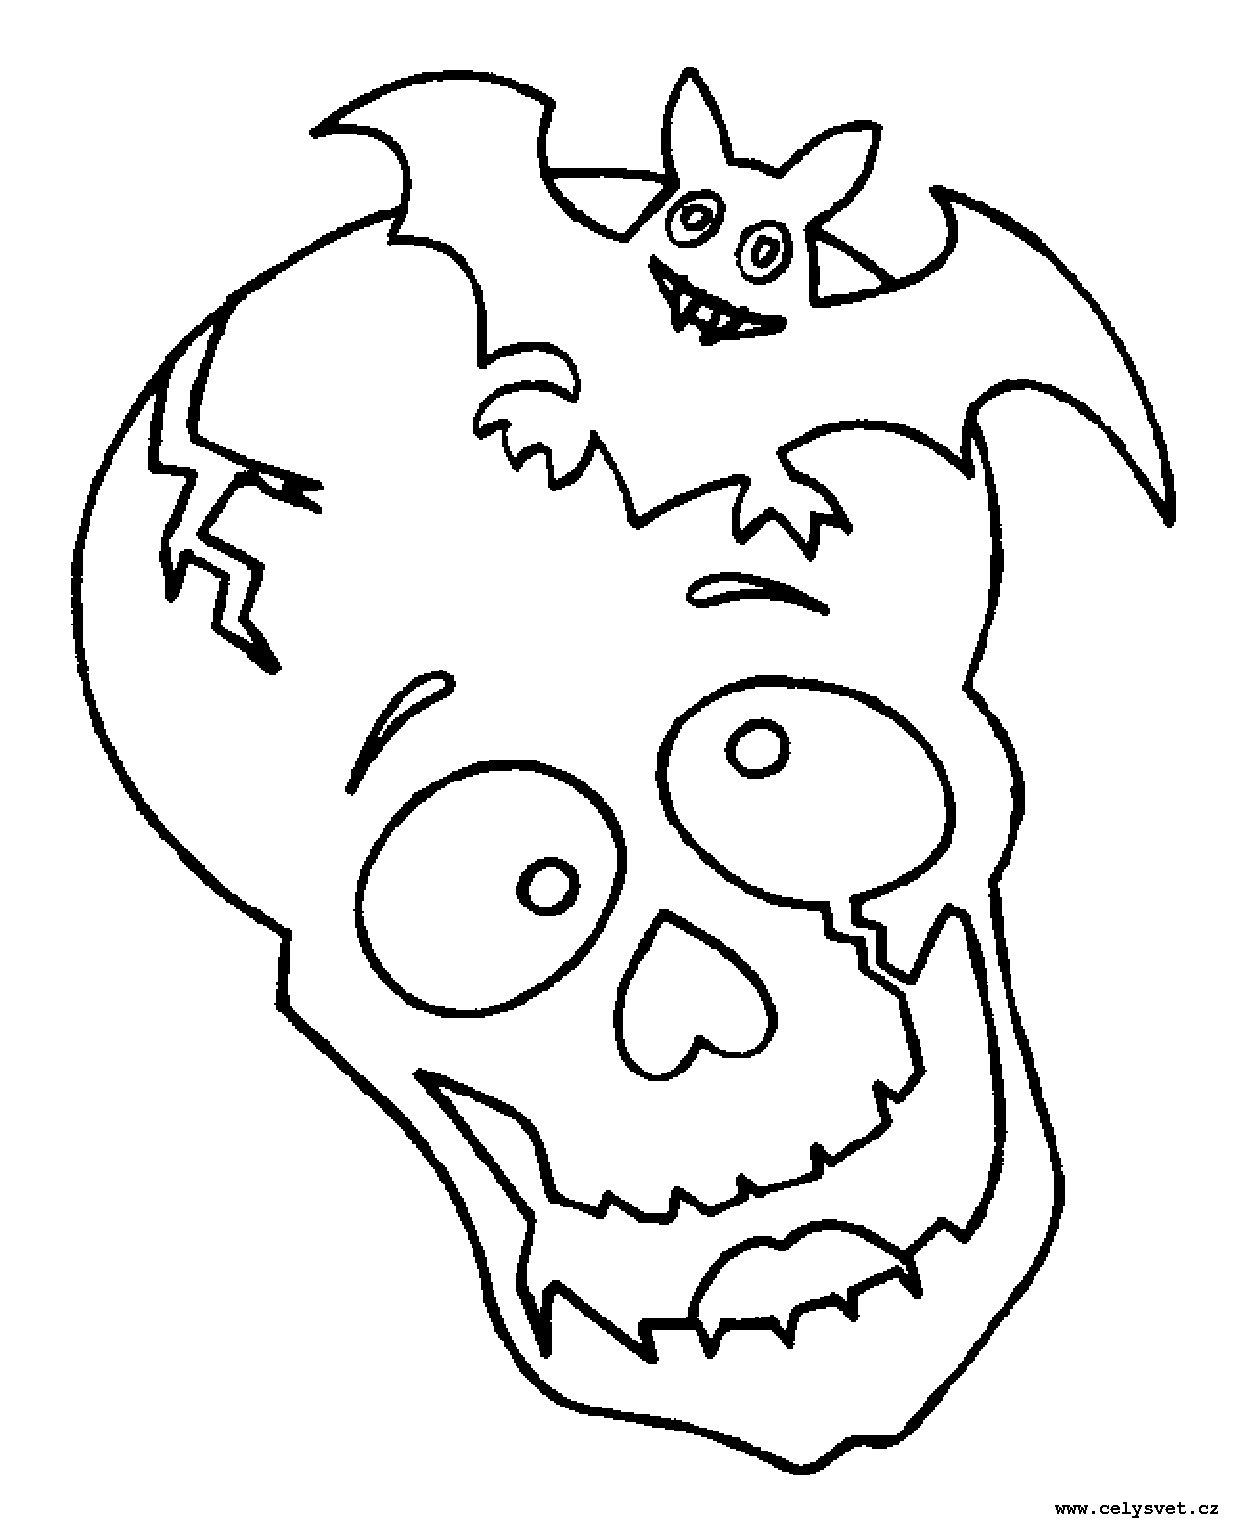 Omalovánka: Pro kluky: Piratí, příšery, strašidla, kostlivci